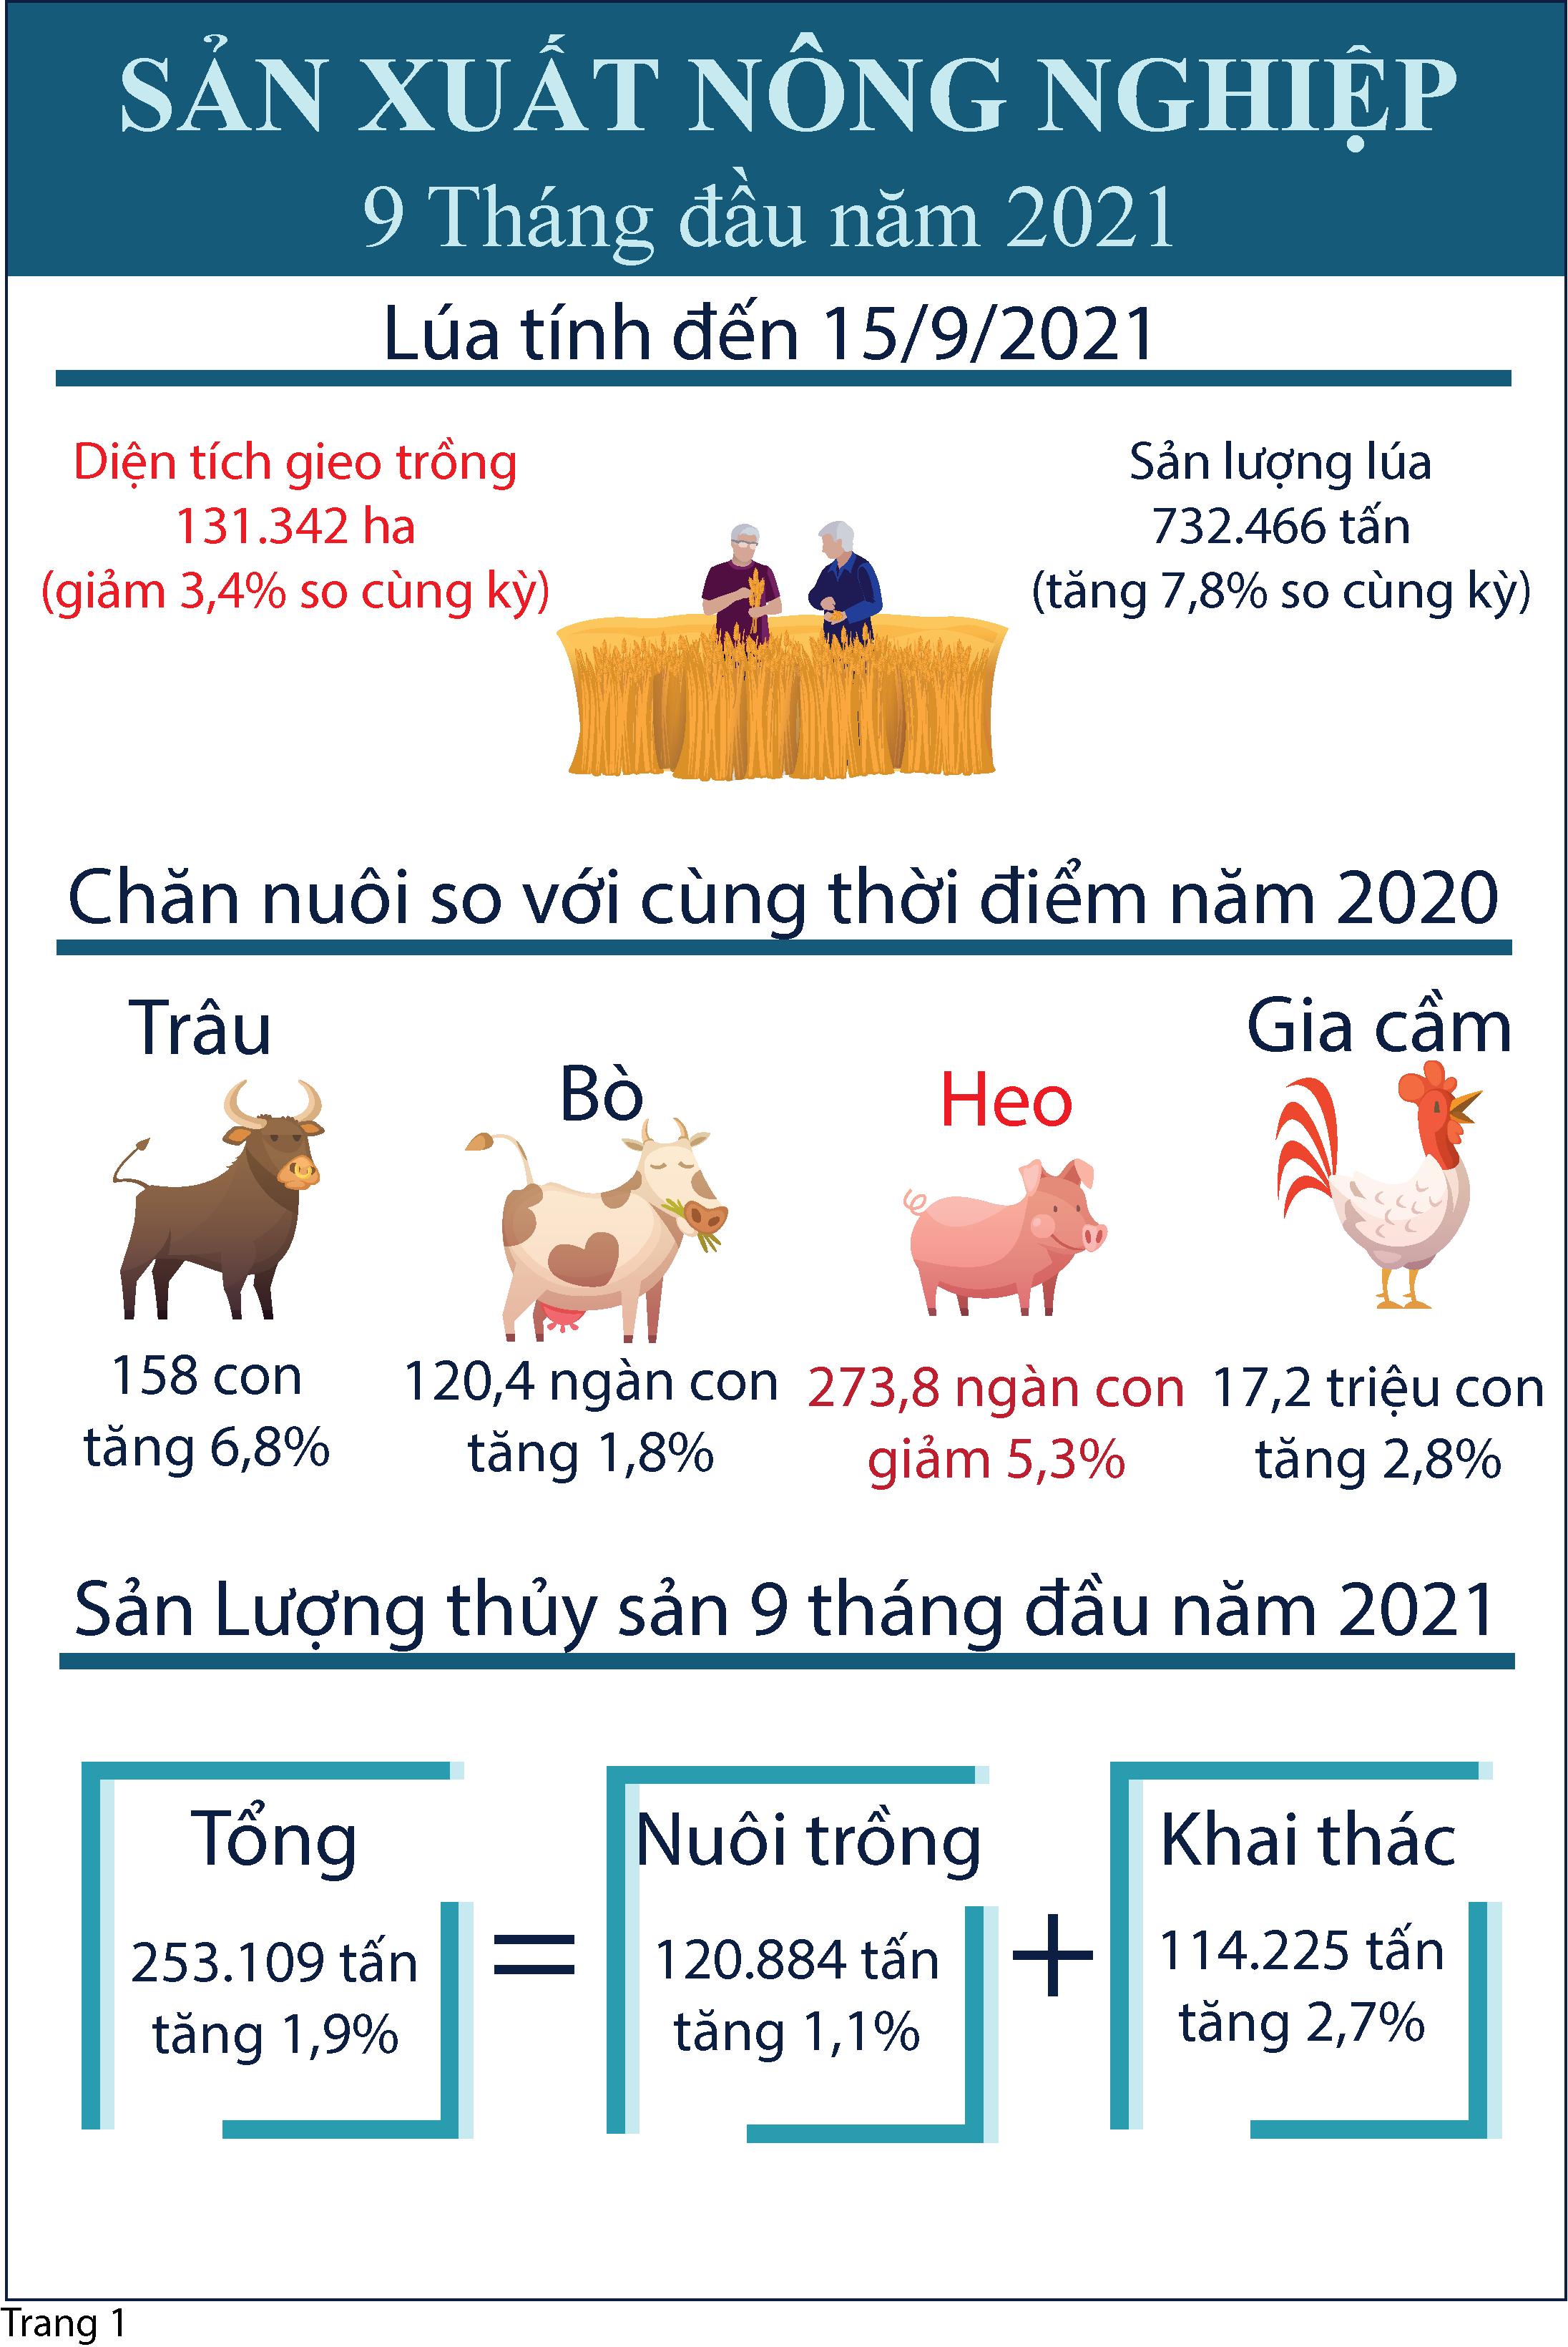 Infographic Tóm tắt tình hình kinh tế - xã hội tỉnh Tiền Giang 9 tháng đầu năm 2021